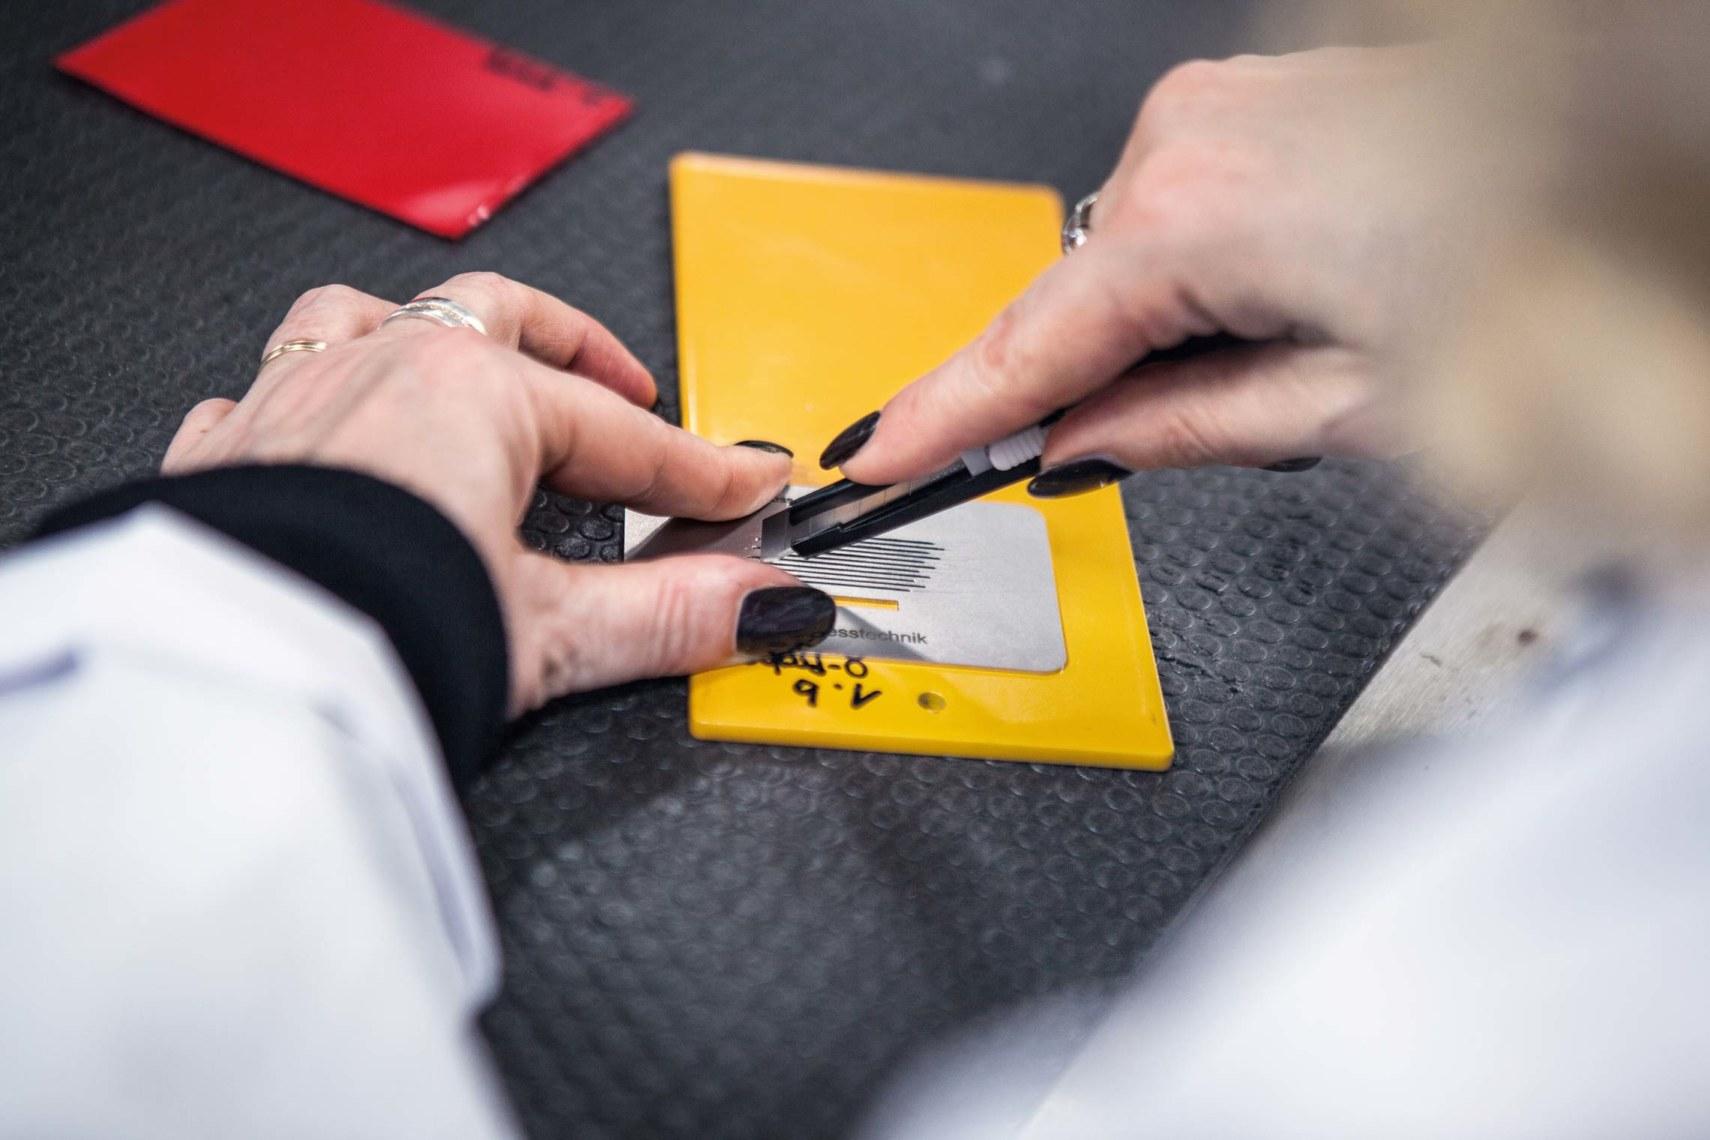 Maßarbeit: Mit dem Gitterschnitt wird die Haftfestigkeit der Lackierung geprüft.